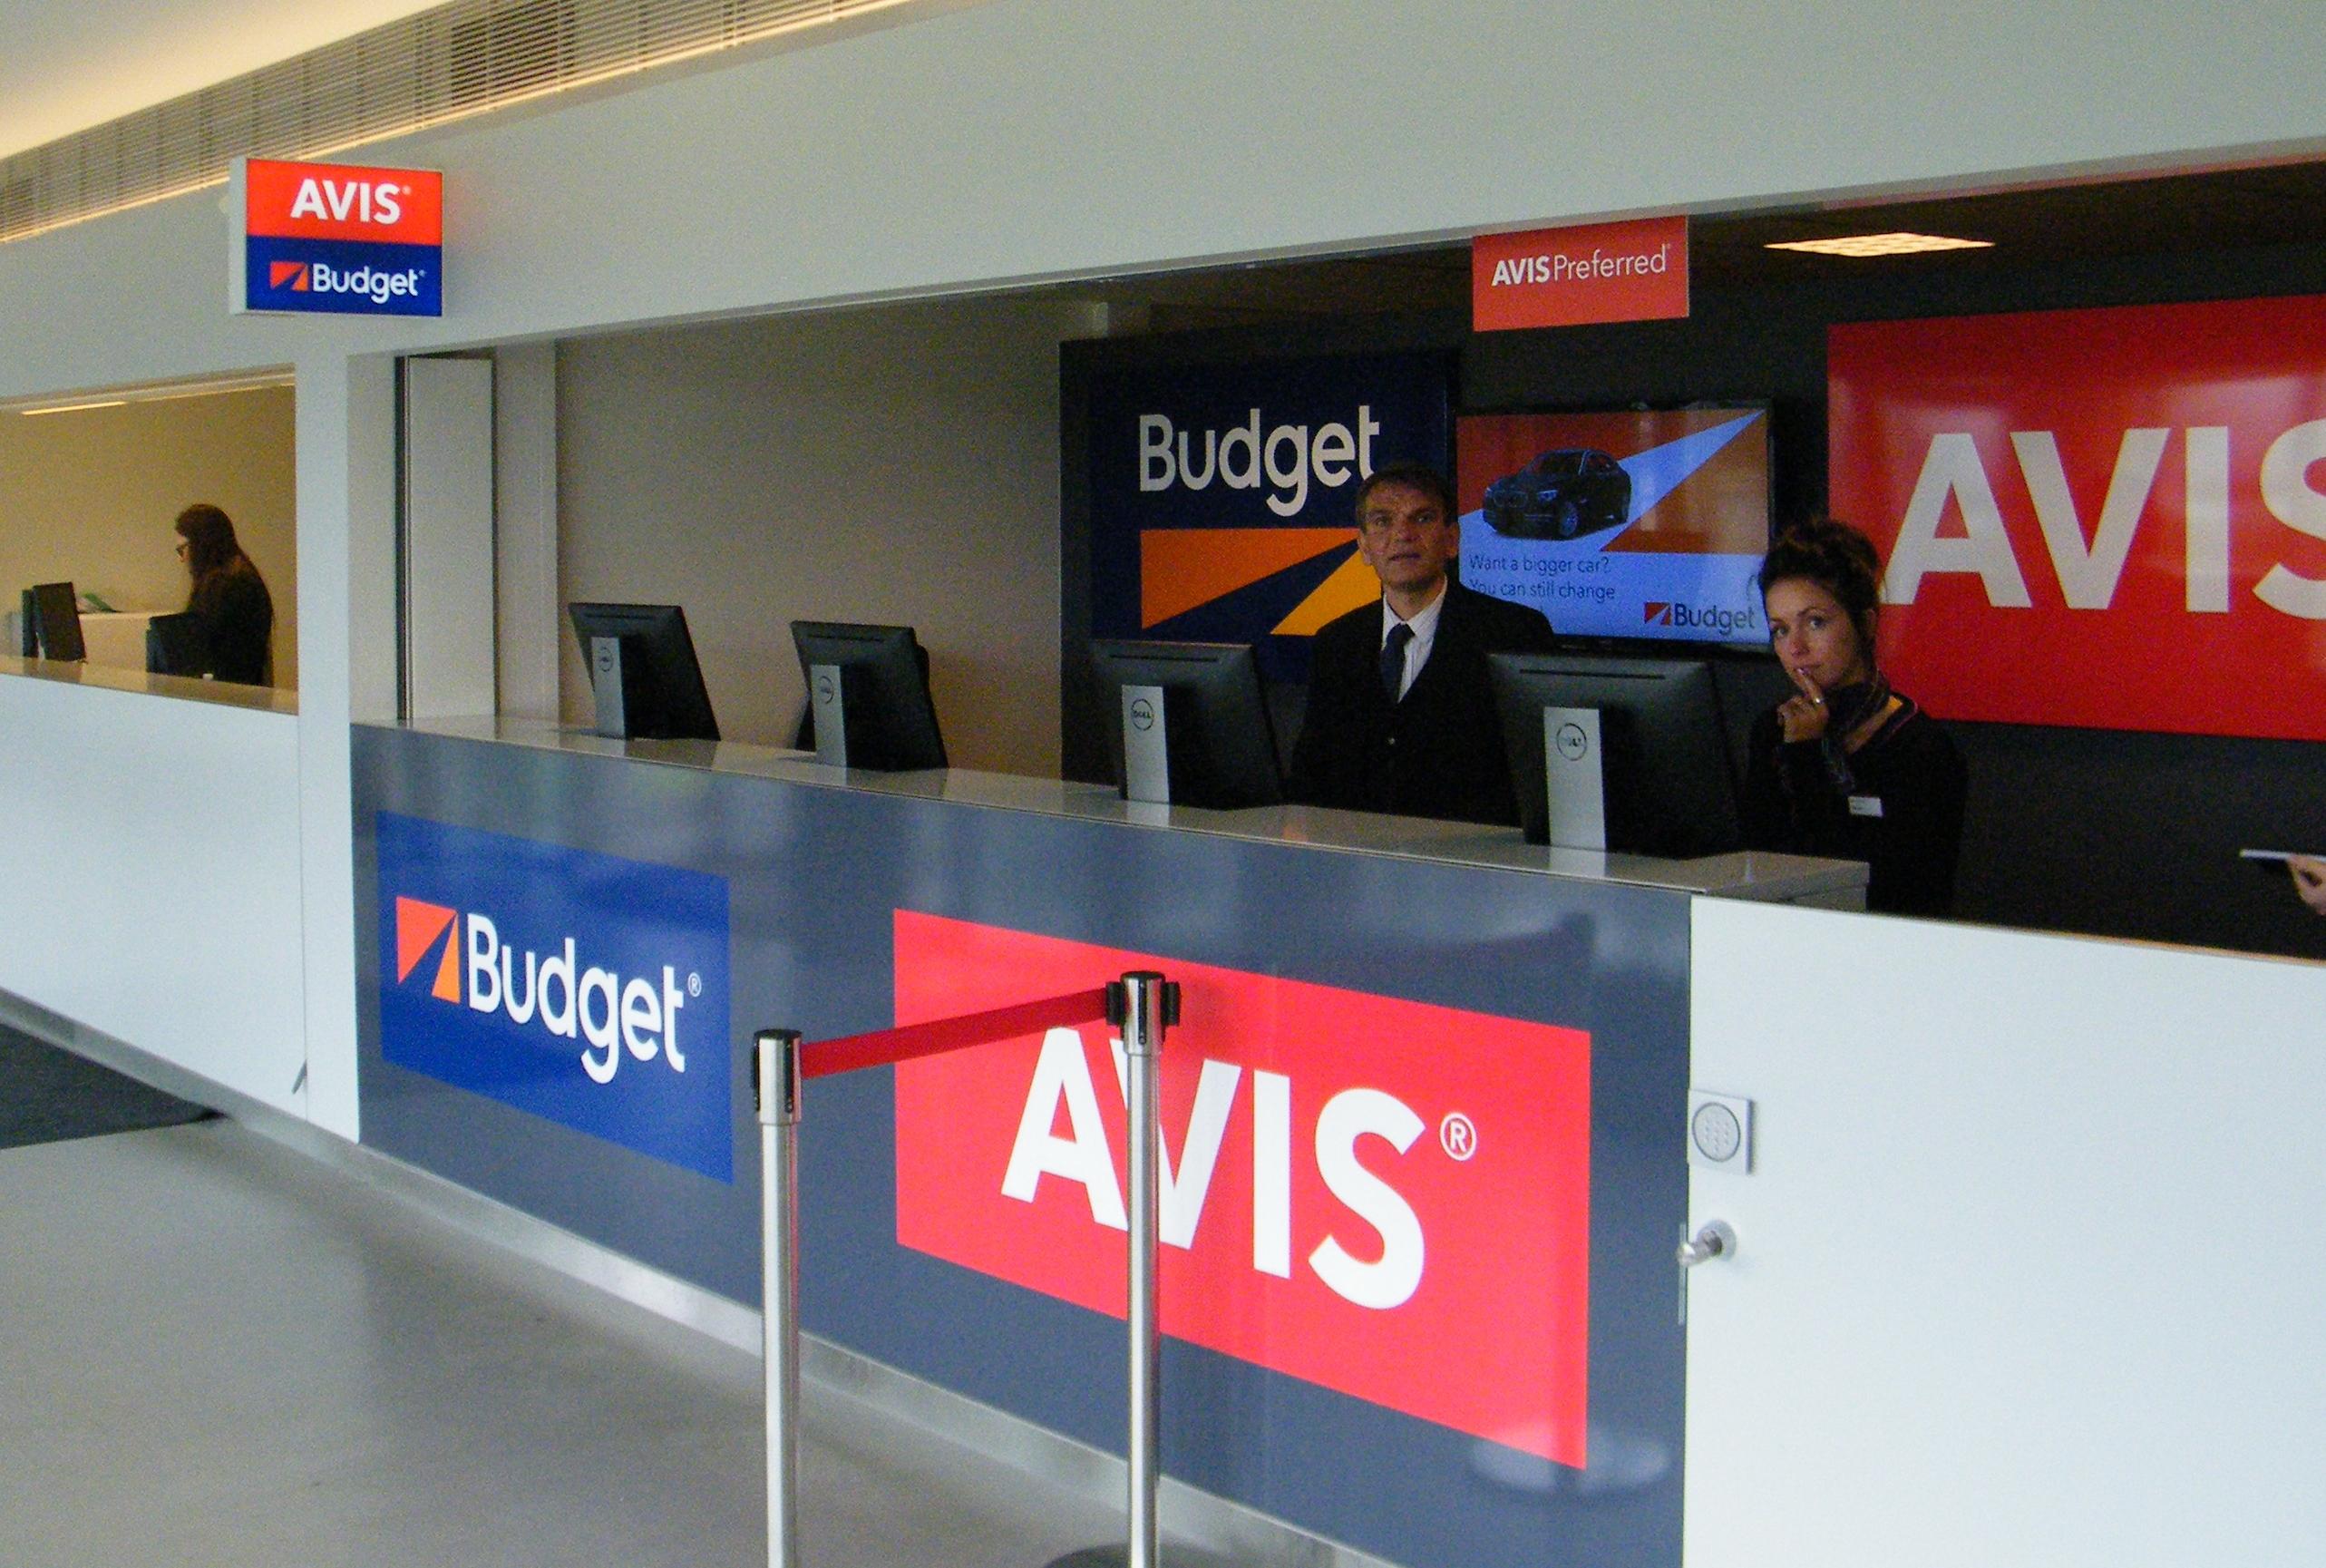 Smile Rent er Avis Budgets nyeste koncept til forenkling af billeje – i første omgang findes konceptet kun på det italienske marked. Her er det dog et Avis Budget-kontor i Københavns Lufthavn, foto: Henrik Baumgarten.